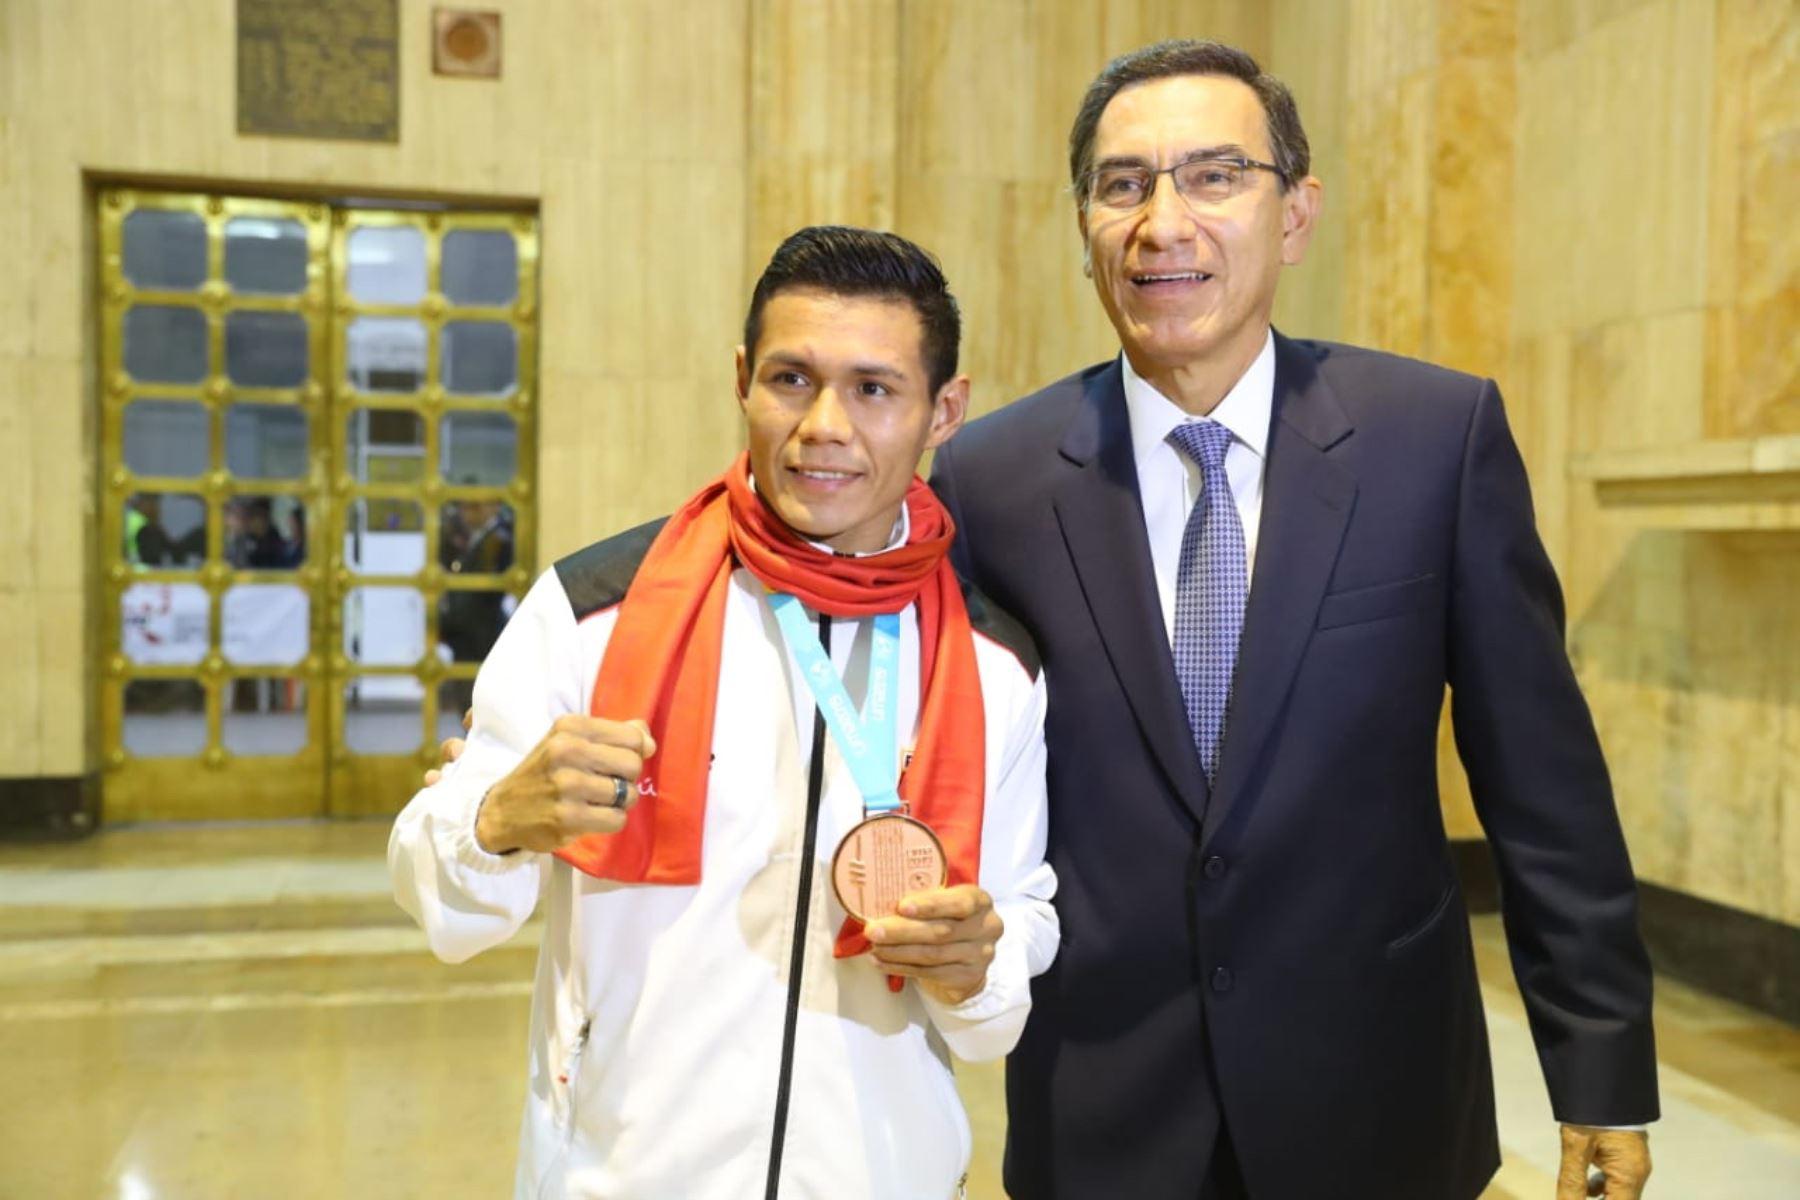 Jefe de Estado,Martín Vizcarra, junto a los deportistas peruanos que obtuvieron medallas en los Juegos Panamericanos Lima 2019.Foto: ANDINA/Prensa Presidencia